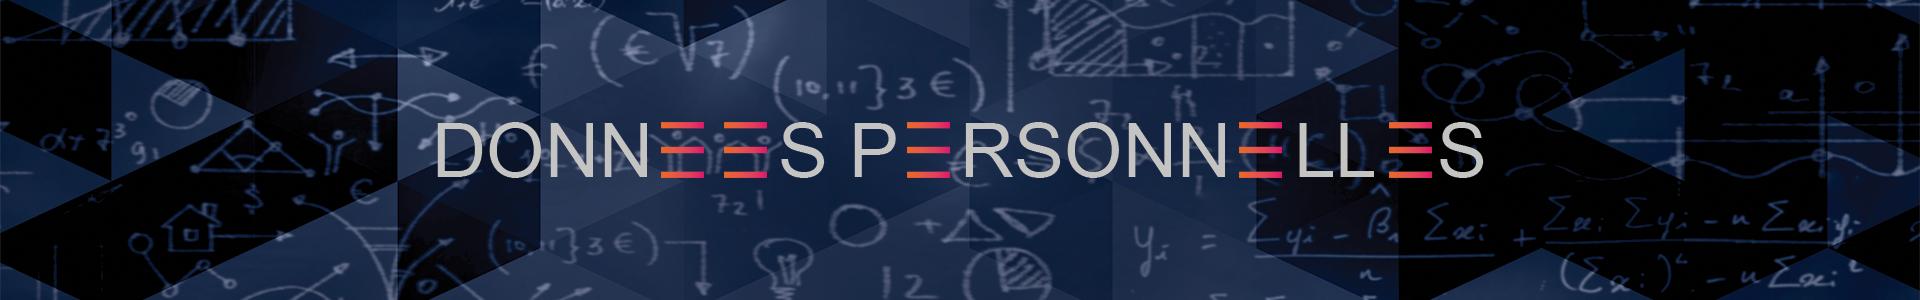 Banniere données personnelles